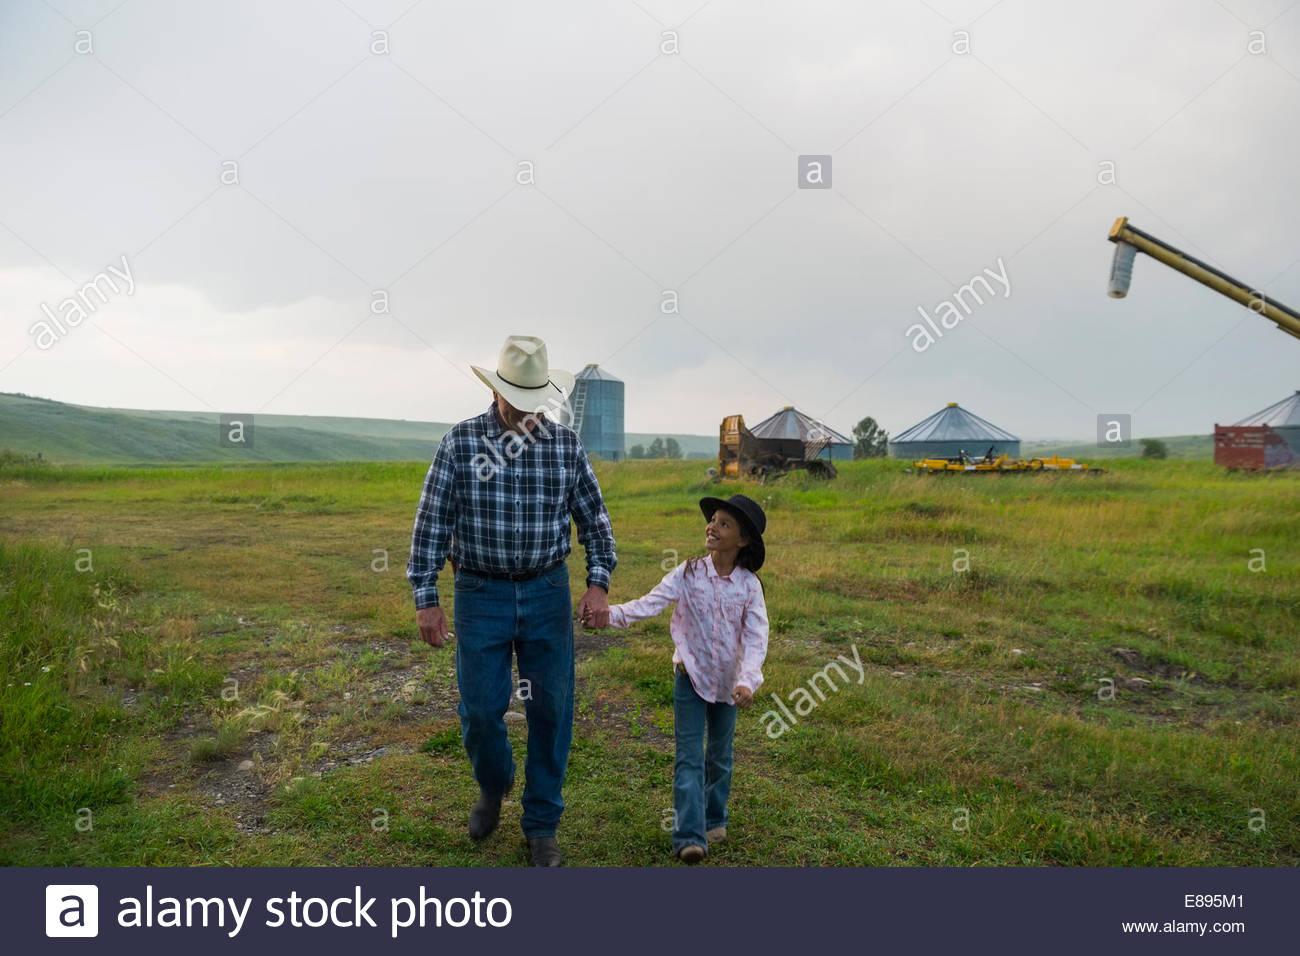 Abuelo y nieta caminando en la granja Imagen De Stock